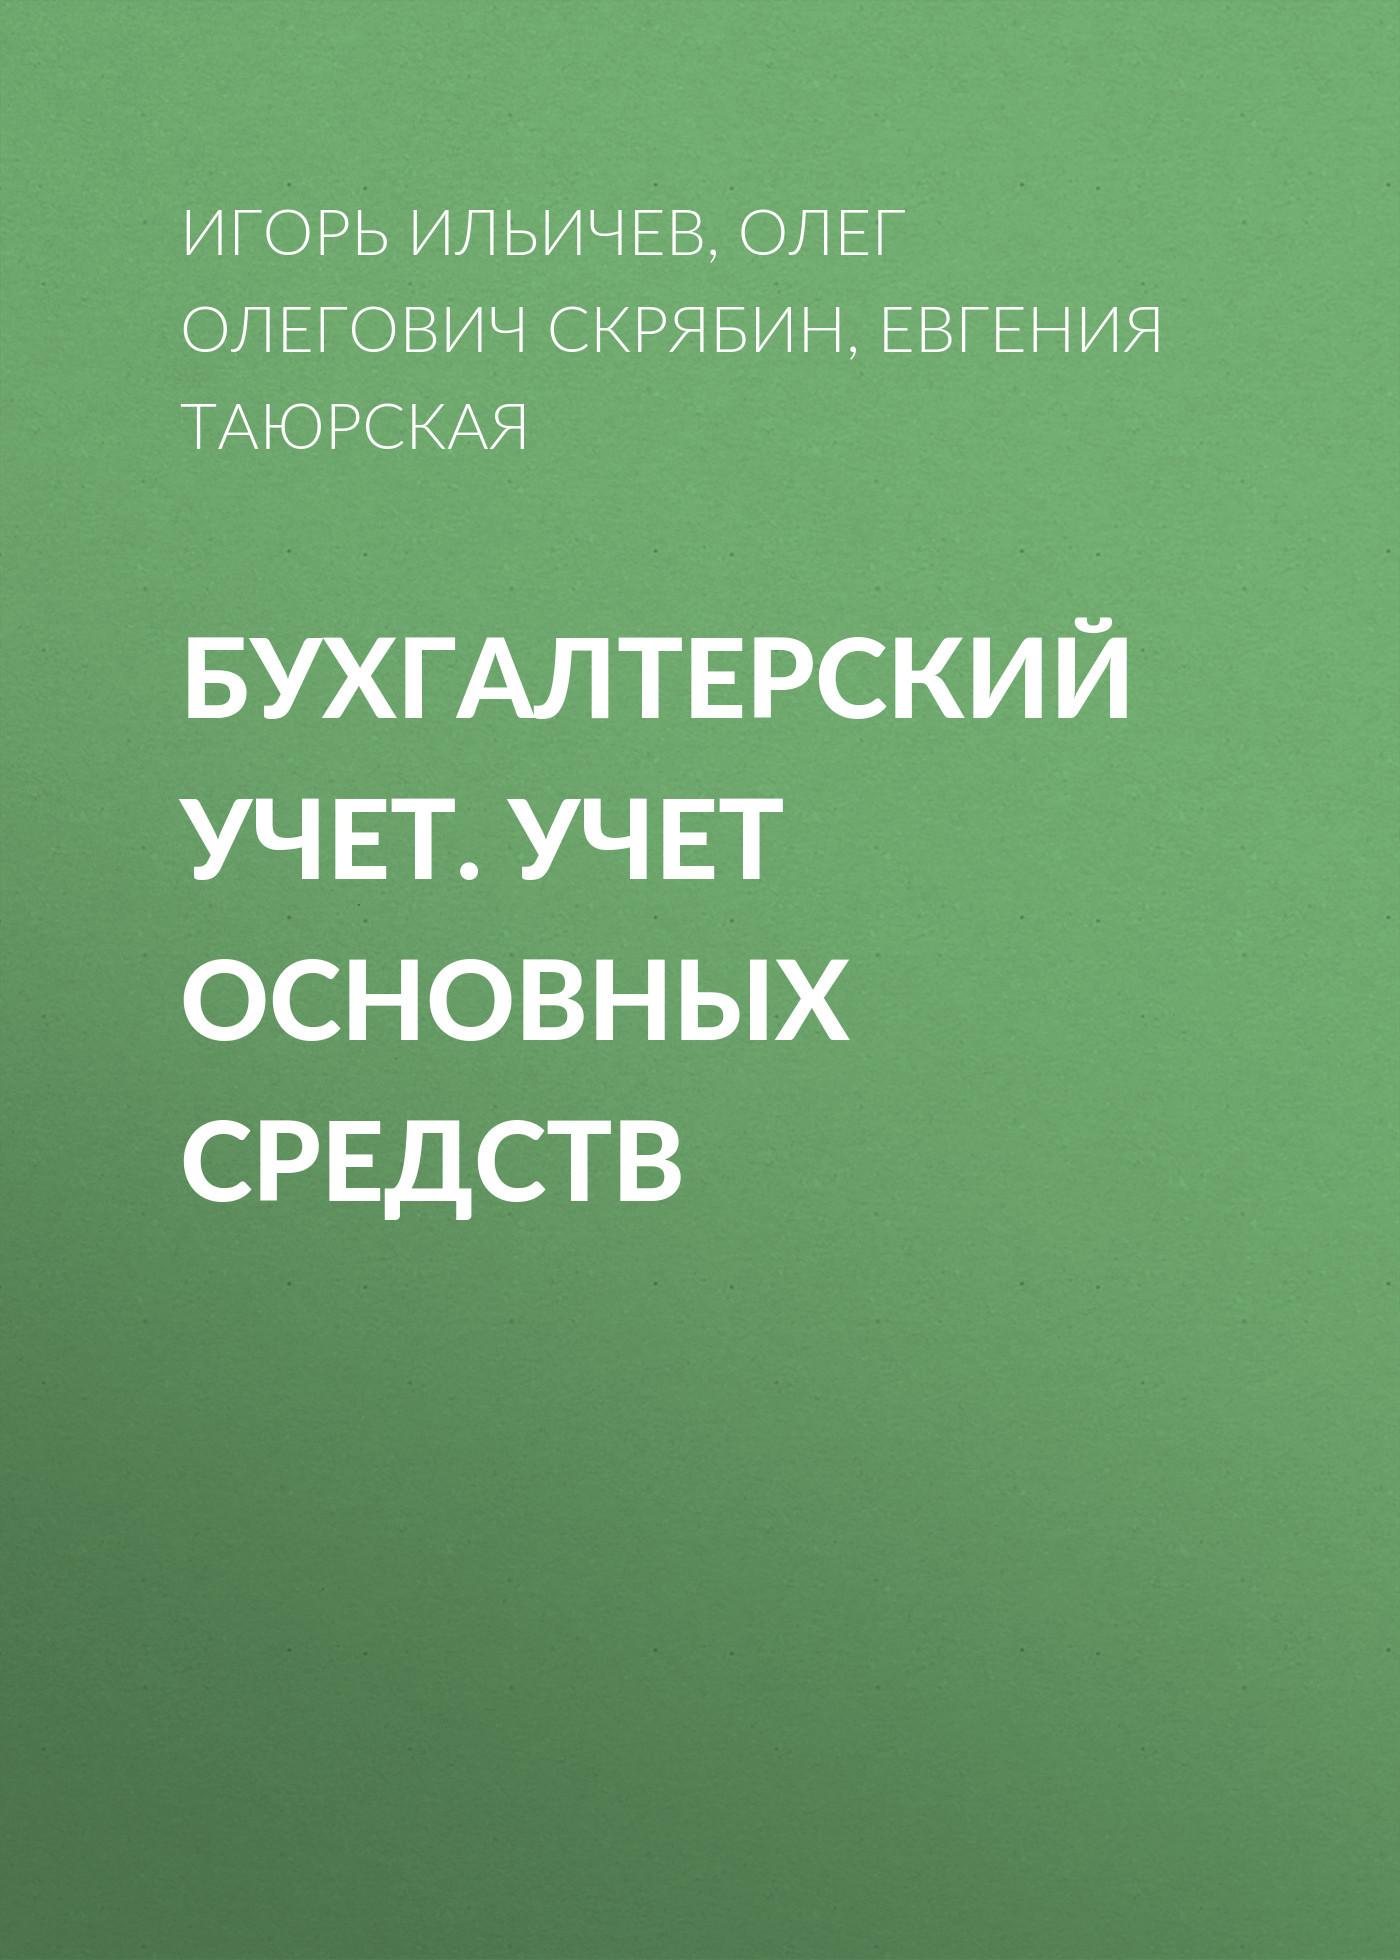 Олег Олегович Скрябин Бухгалтерский учет. Учет основных средств